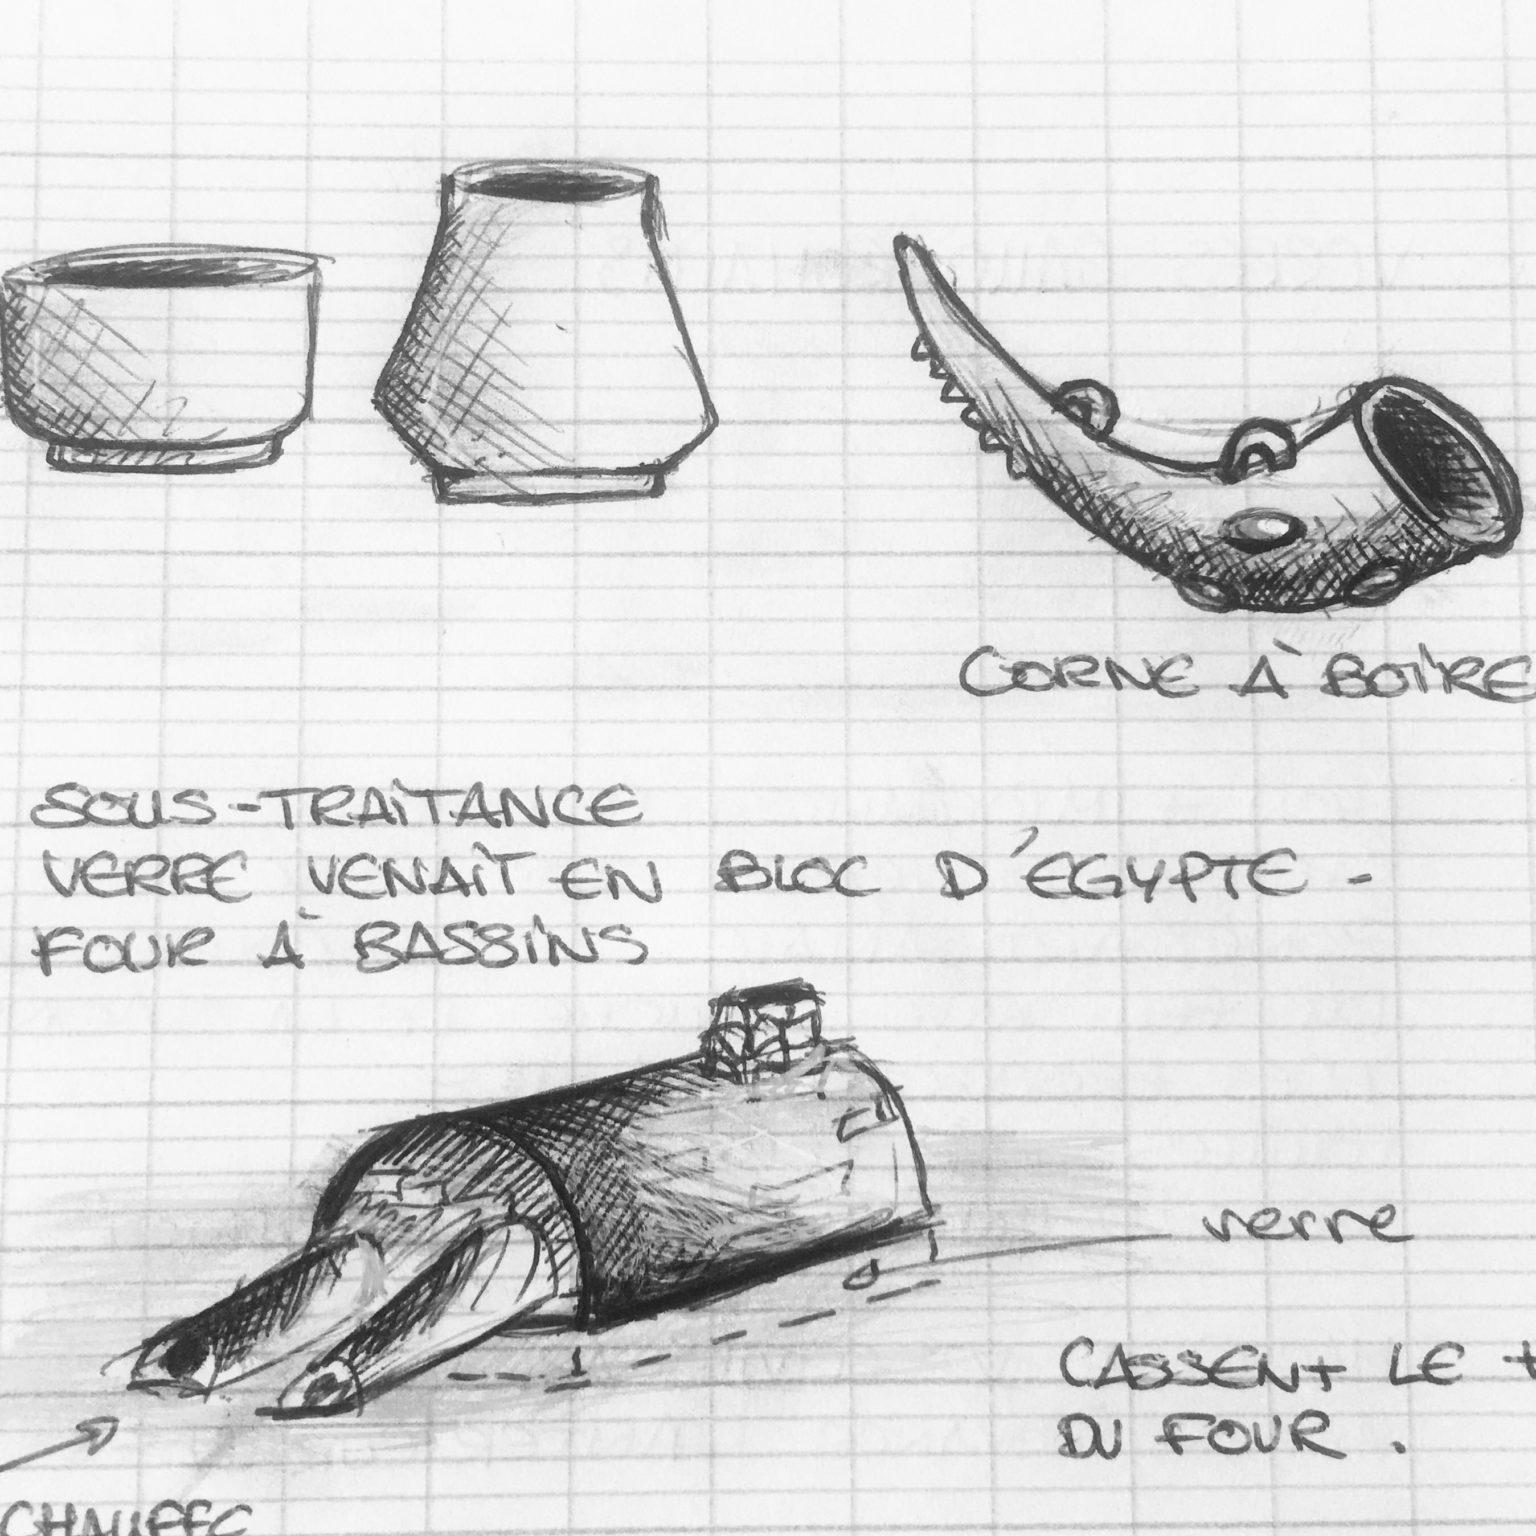 CROQUIS HISTOIRE DE L ART 1